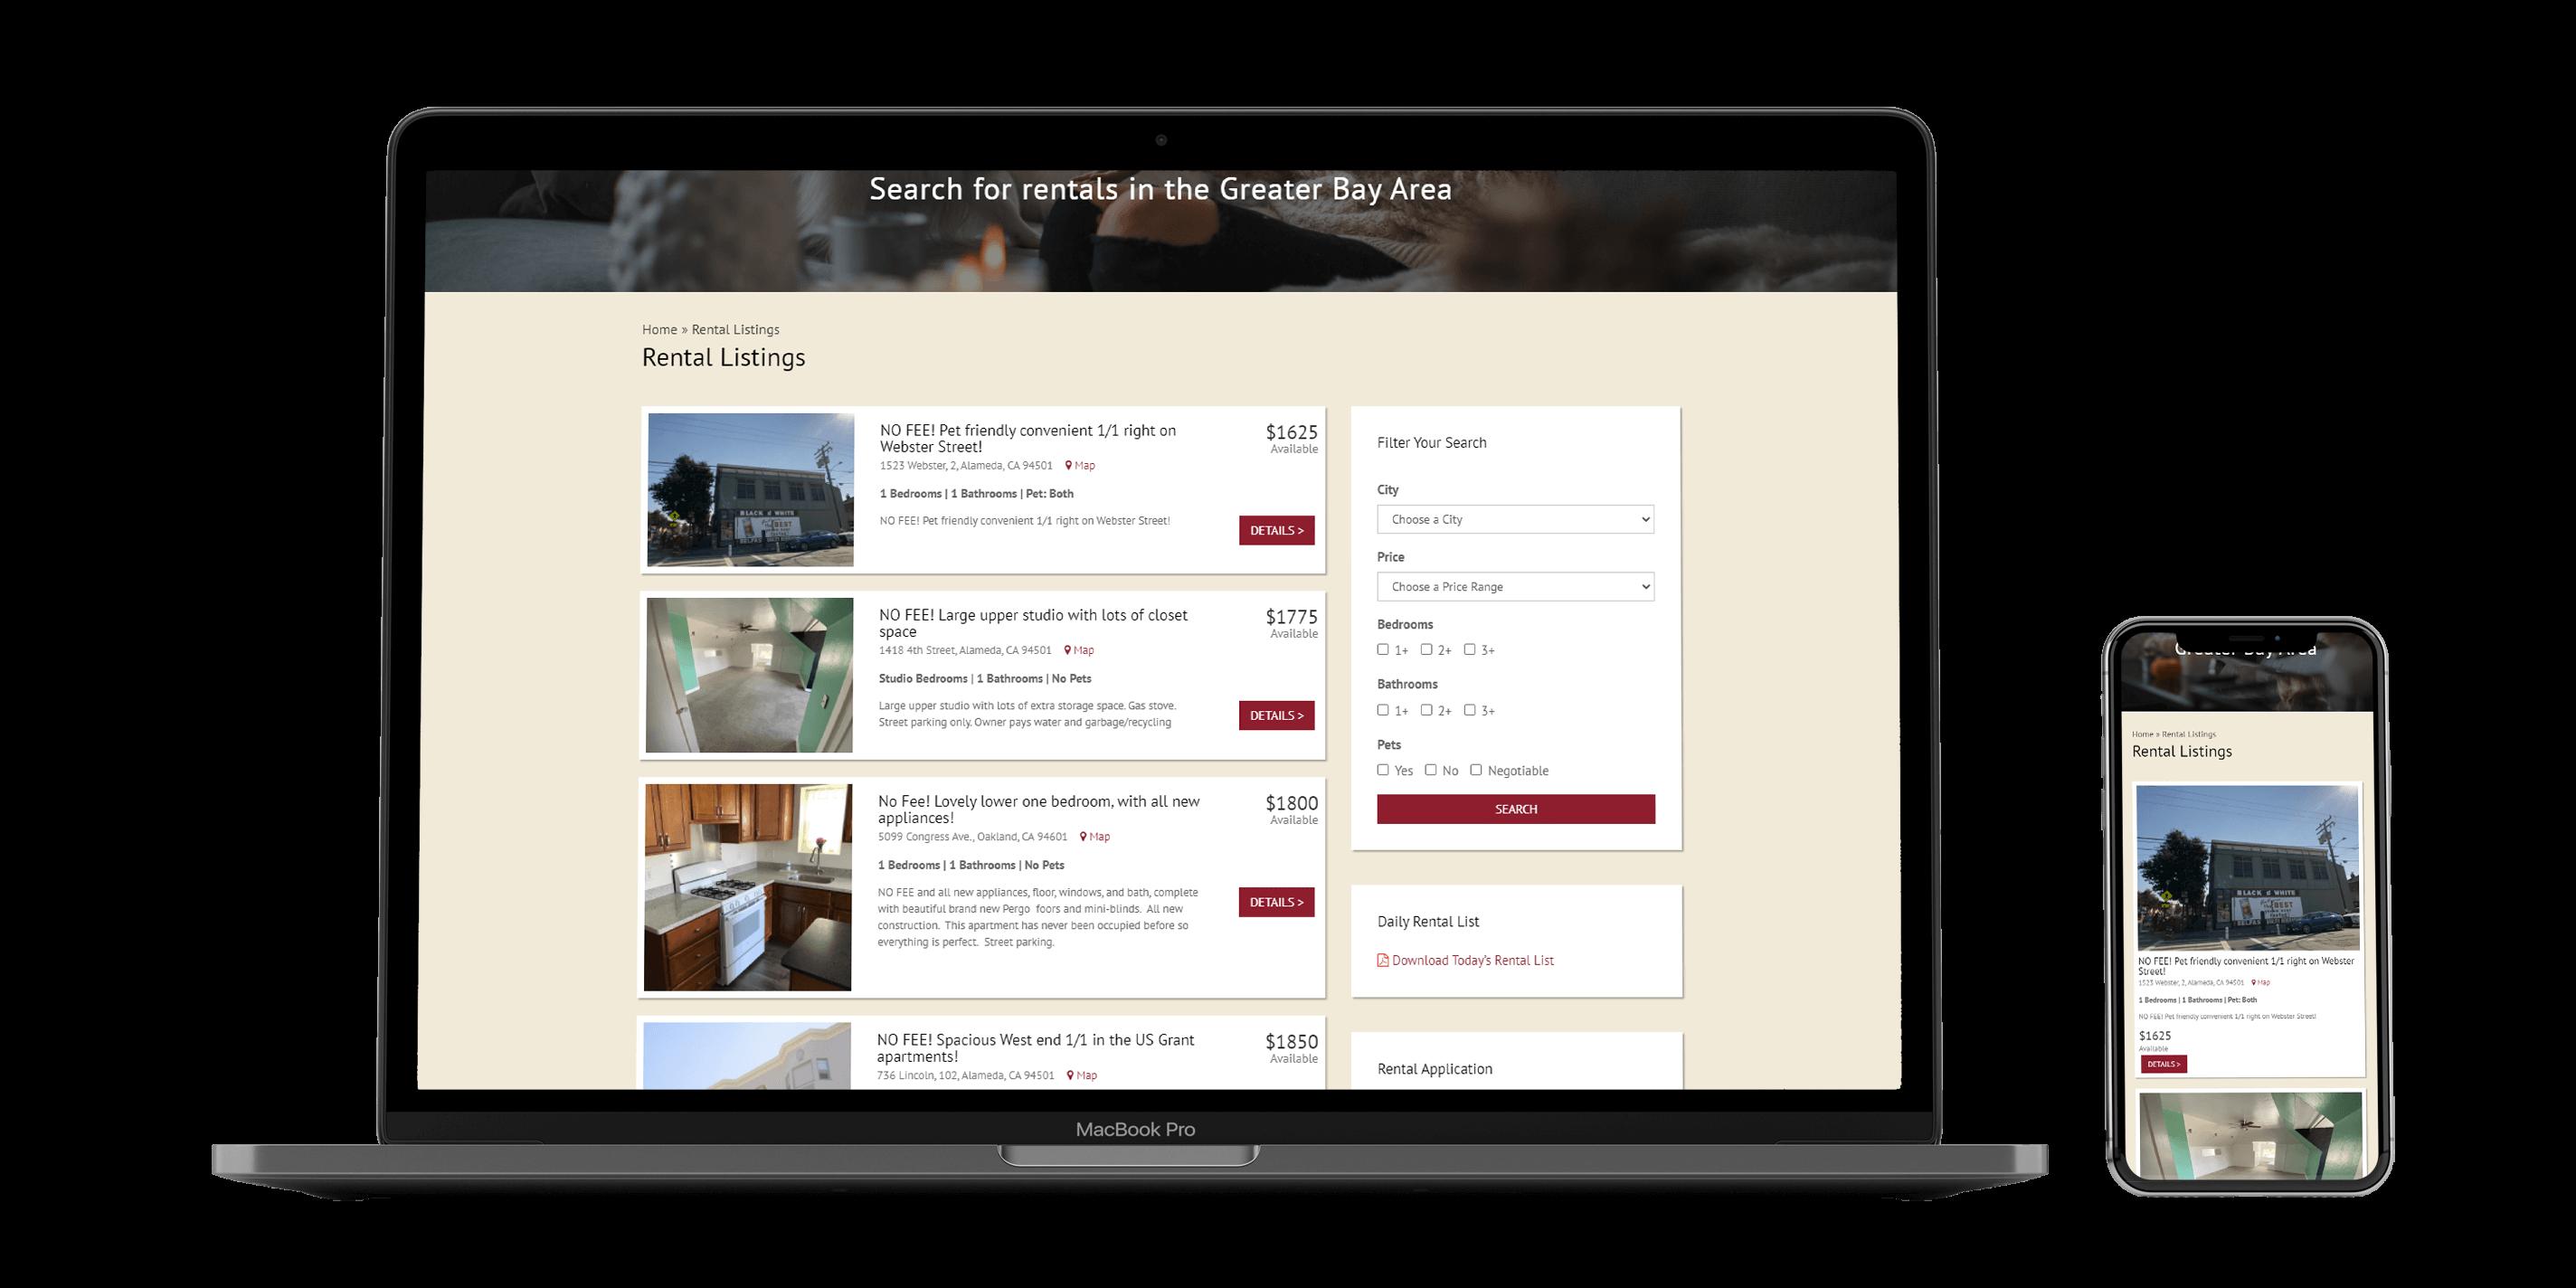 Rental Listings Page